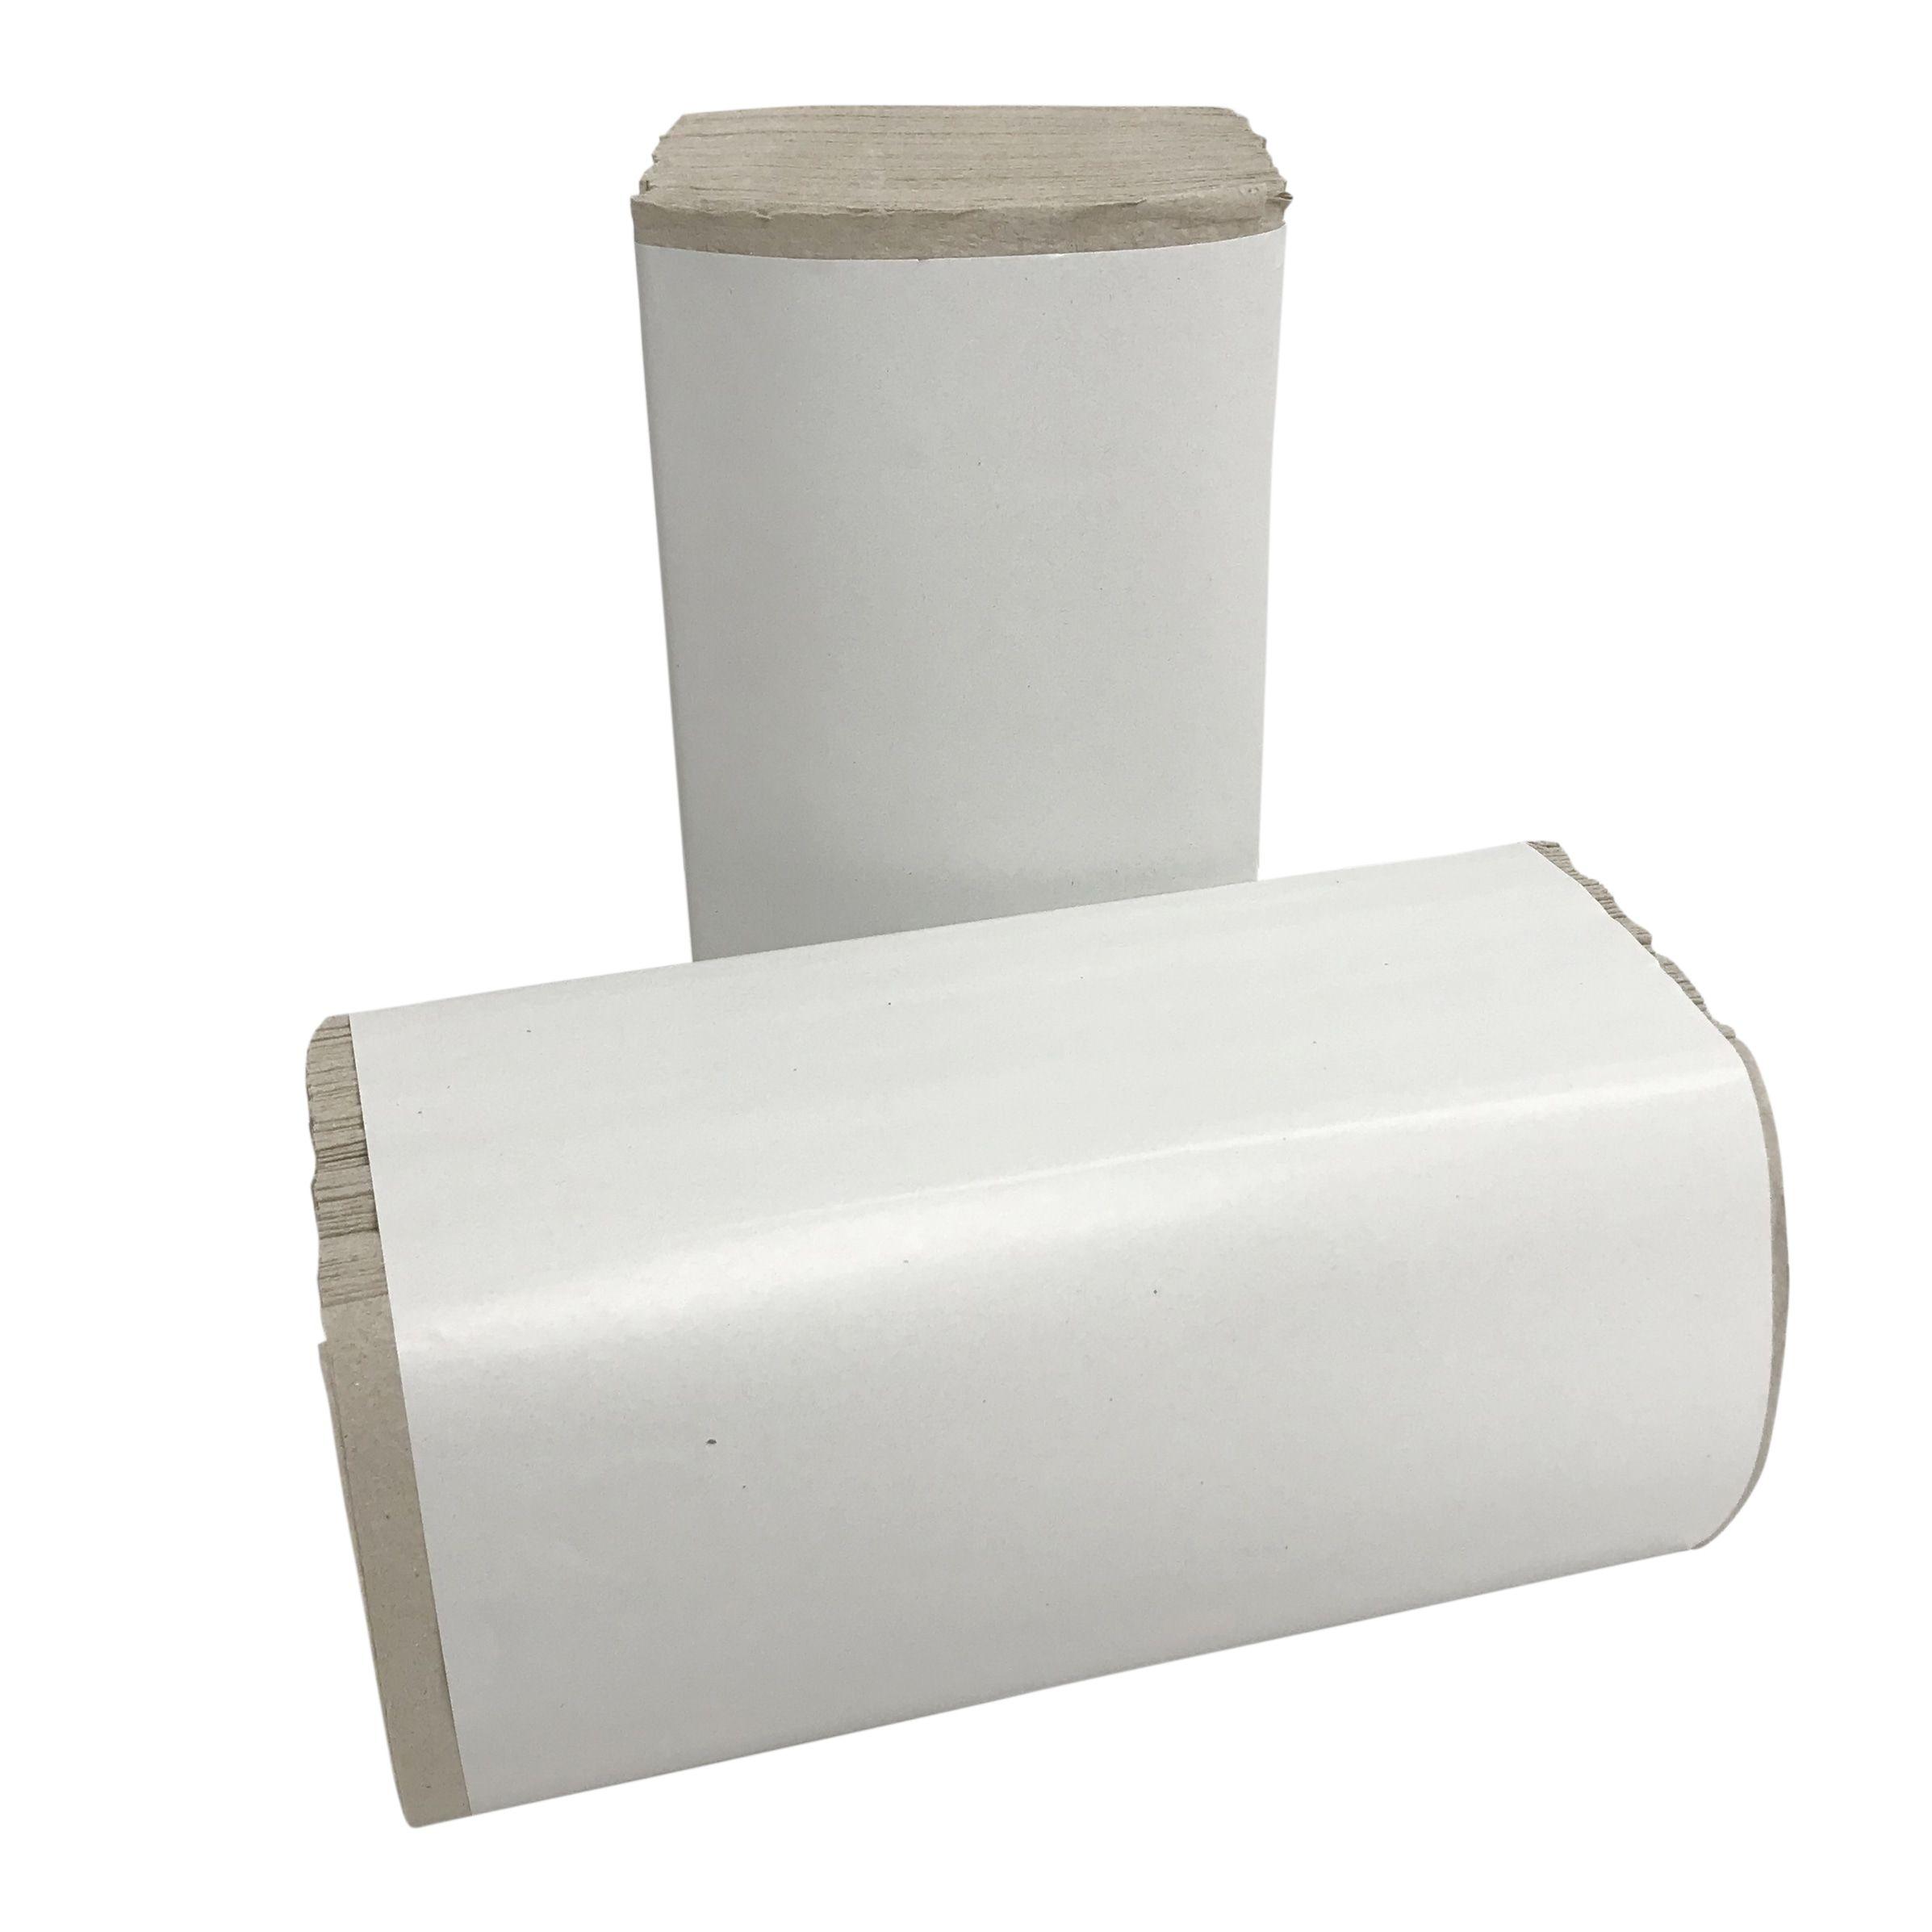 Papieren handdoekjes Z vouw 1laags 23x25cm naturel 5000stuks (917)